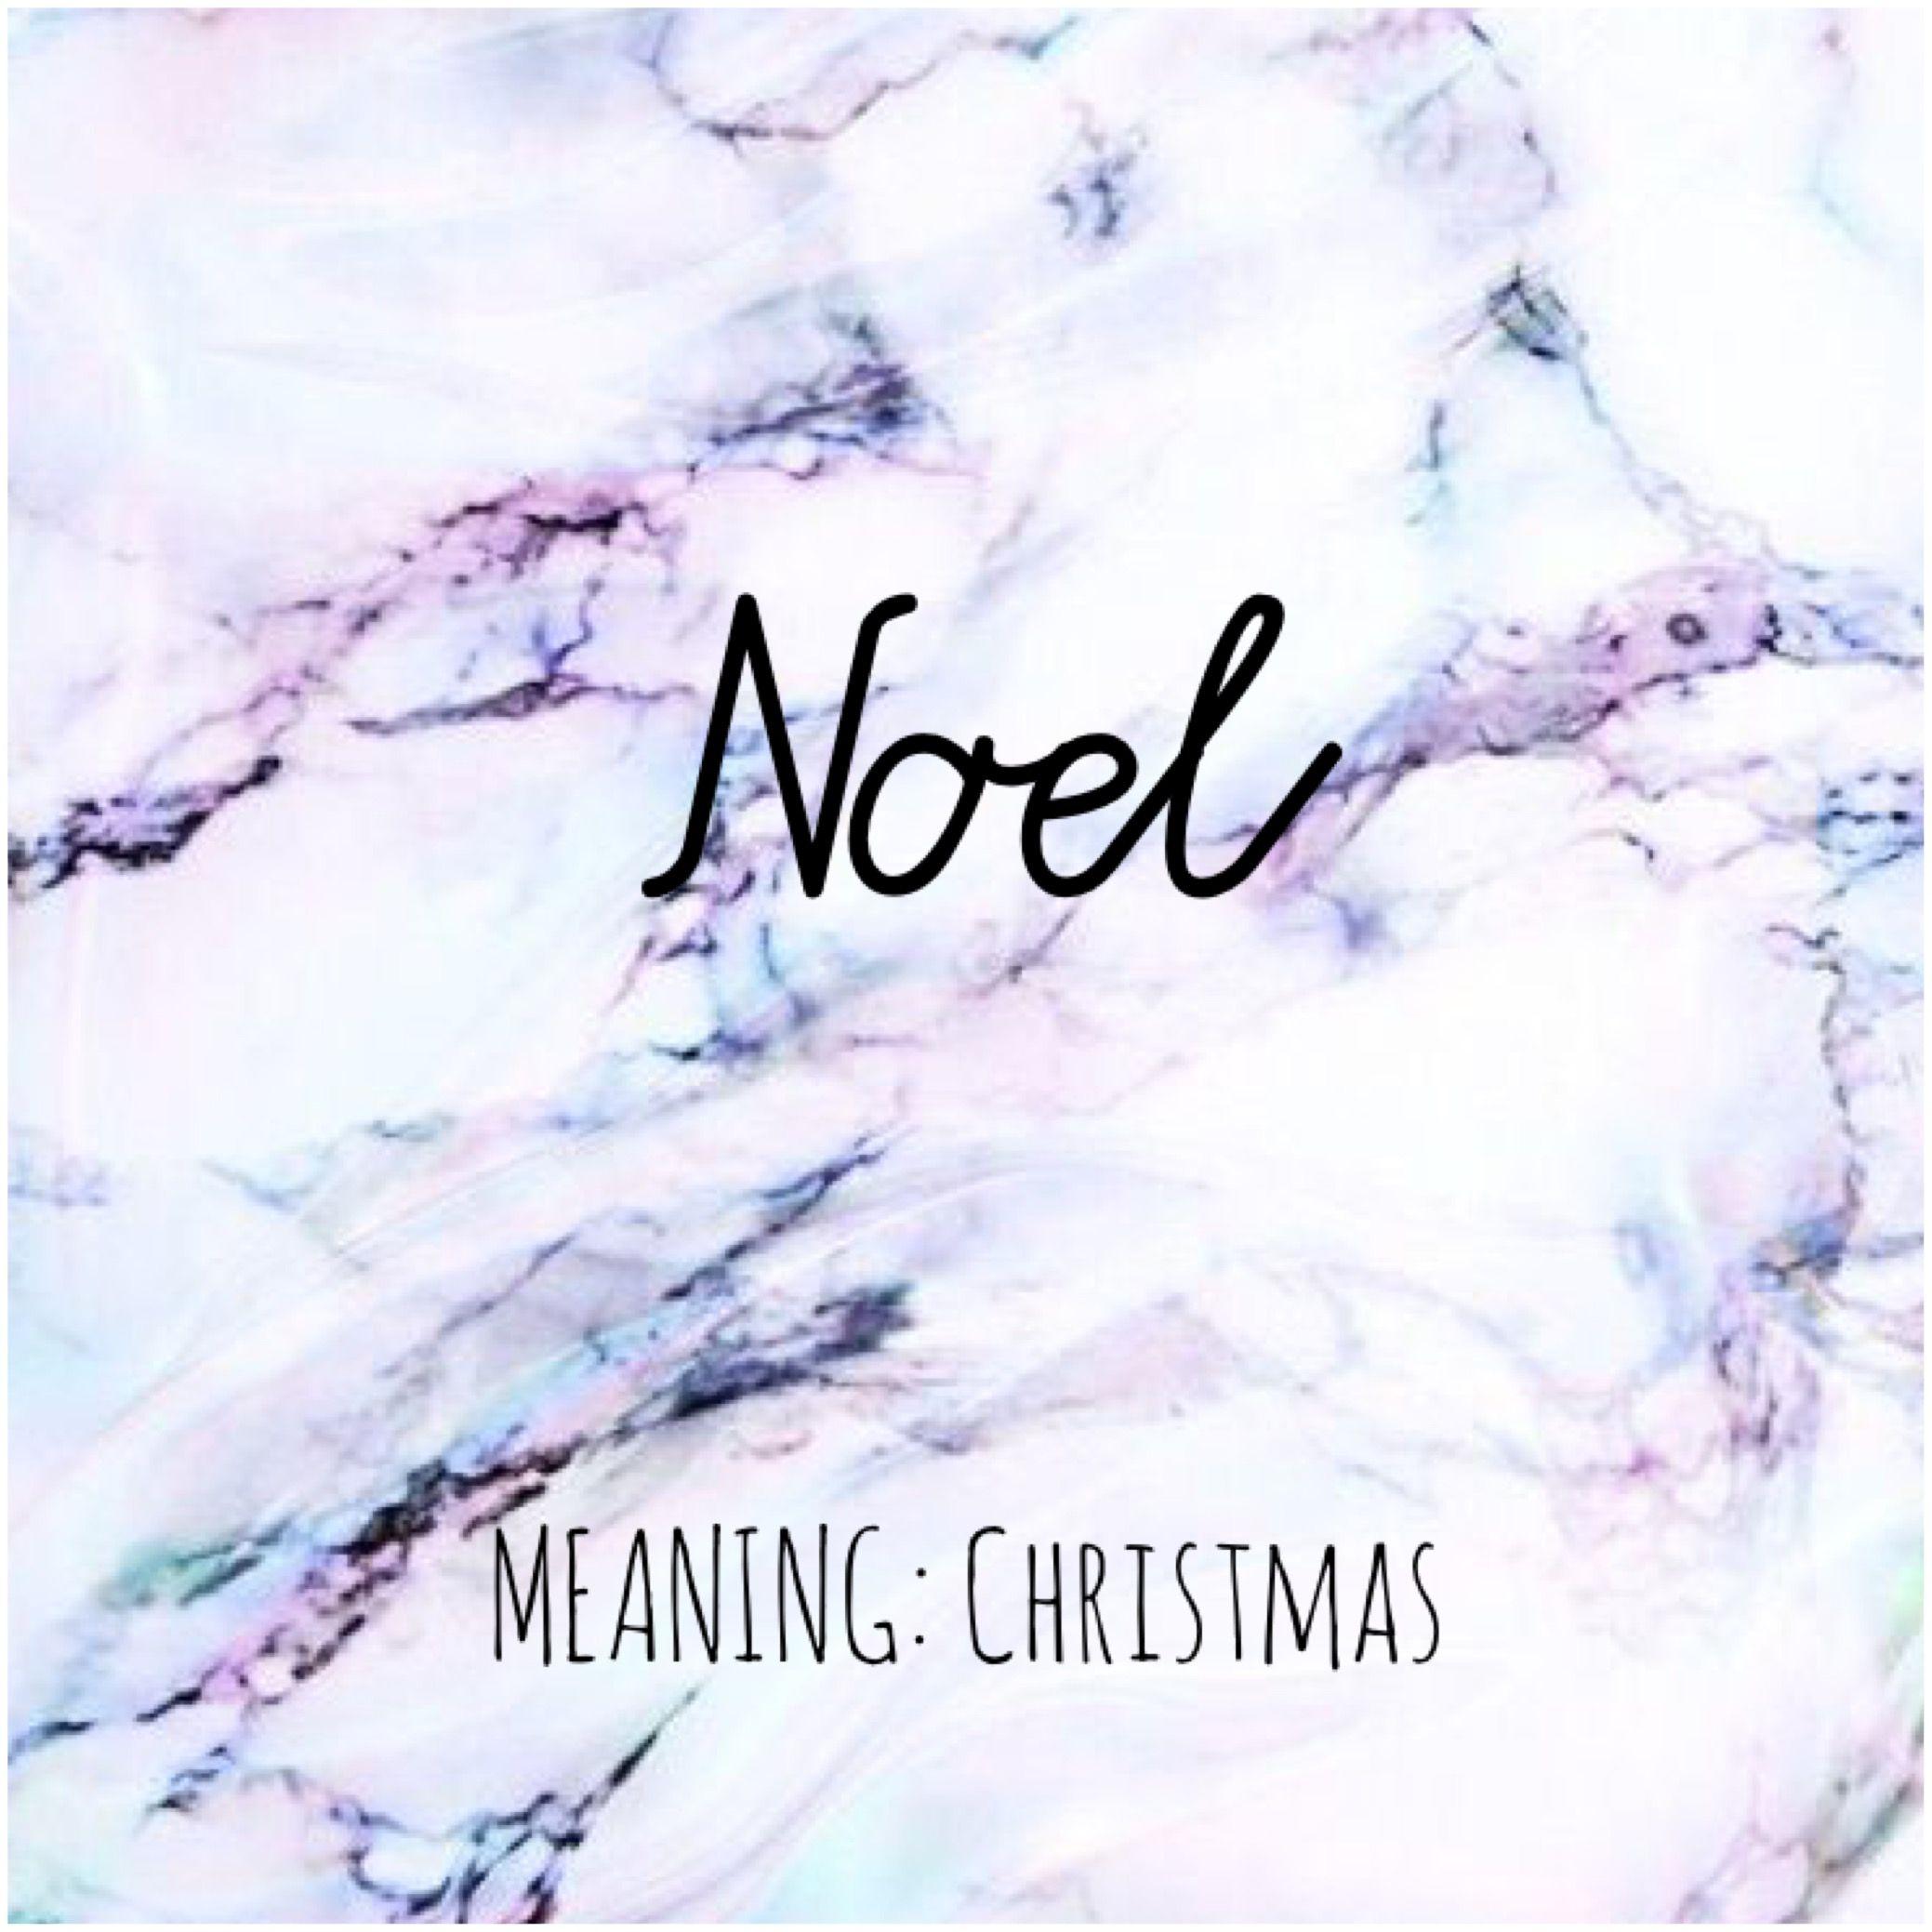 NOEL #Names #Noel #BabyNames (With images) | Unusual baby ...